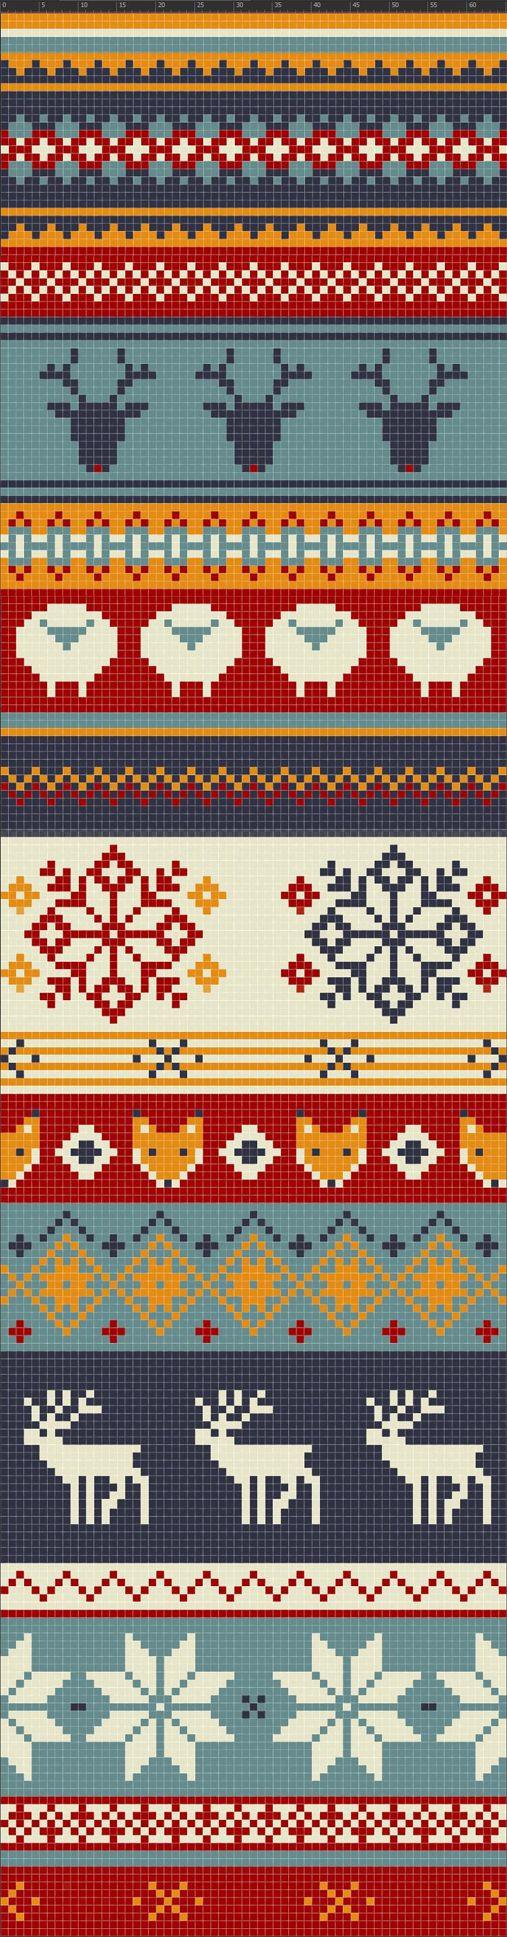 28 bästa bilderna om Fair Isle Knitting Patterns på Pinterest | Fair ...